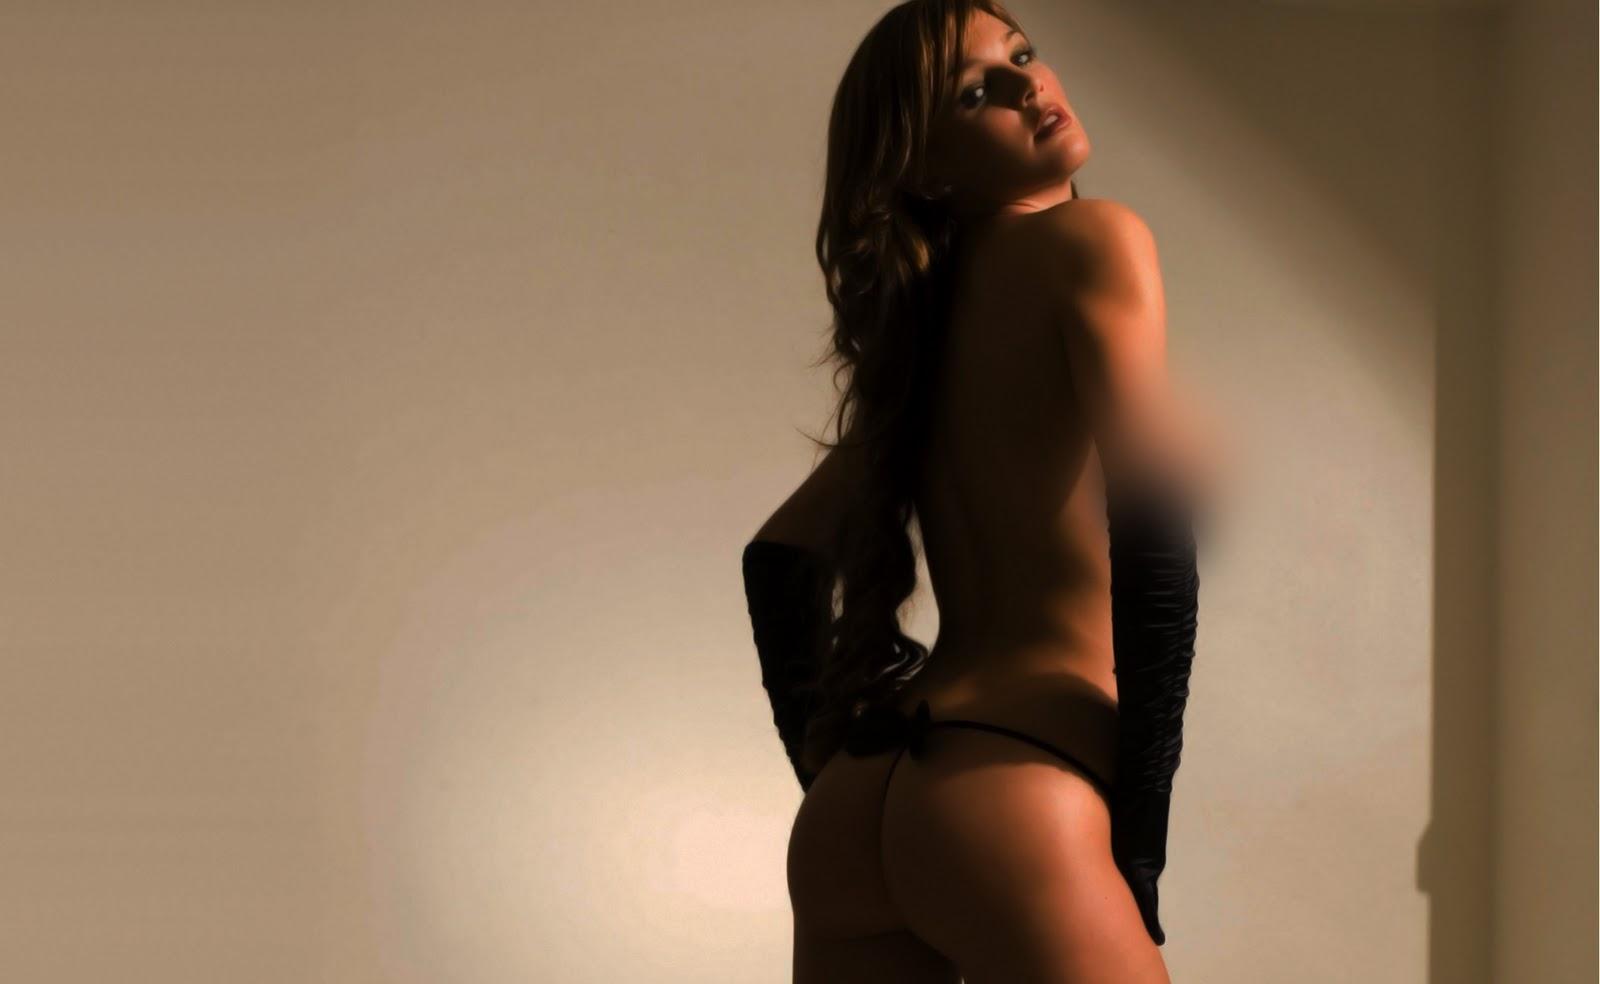 http://4.bp.blogspot.com/_Y5-4Z4aPcOI/TUFg2NhJPvI/AAAAAAAAA2U/jT0RrT7KOS8/s1600/Danielle+Lloyd+-+freehd.blogspot+%25285%2529.jpg